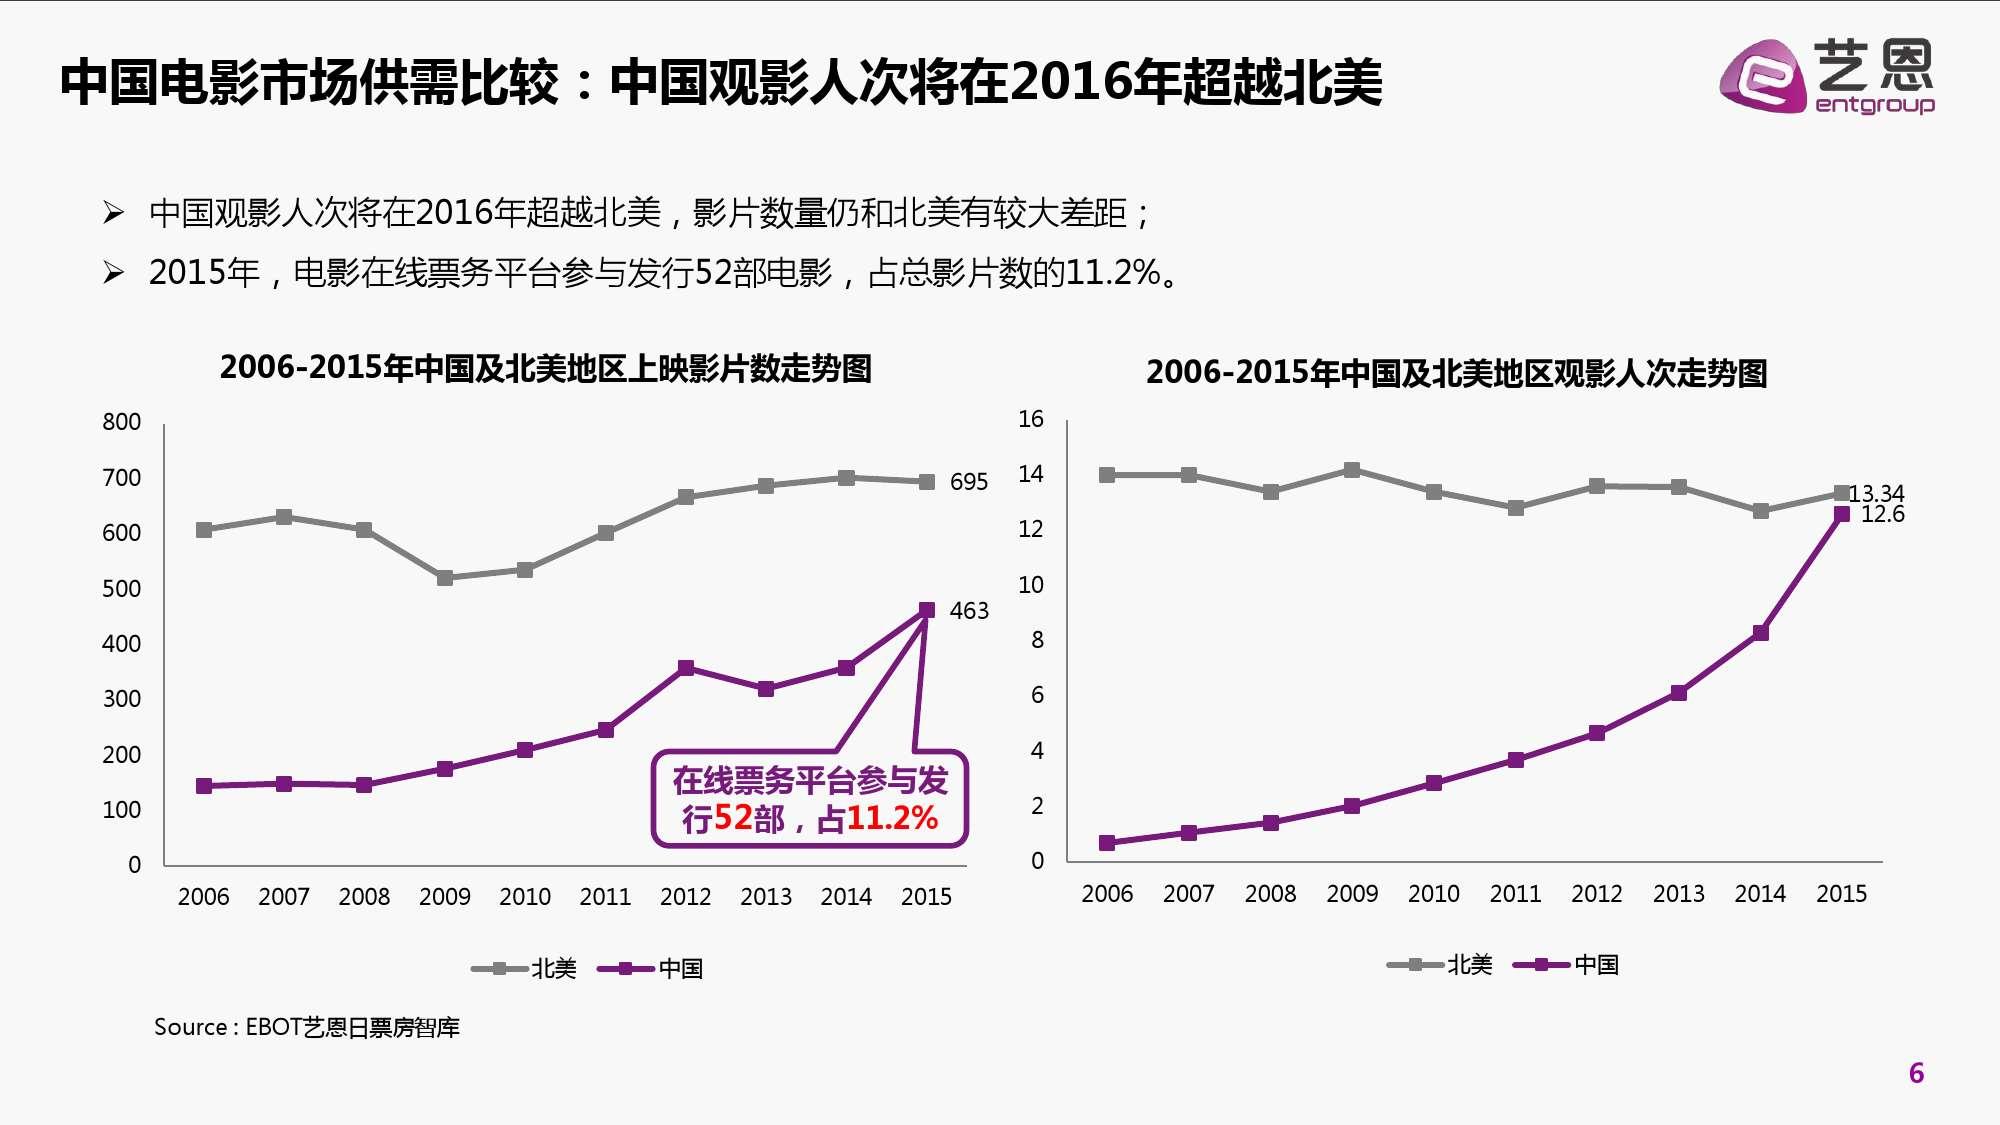 2016年中国电影在线票务市场研究报告_000006